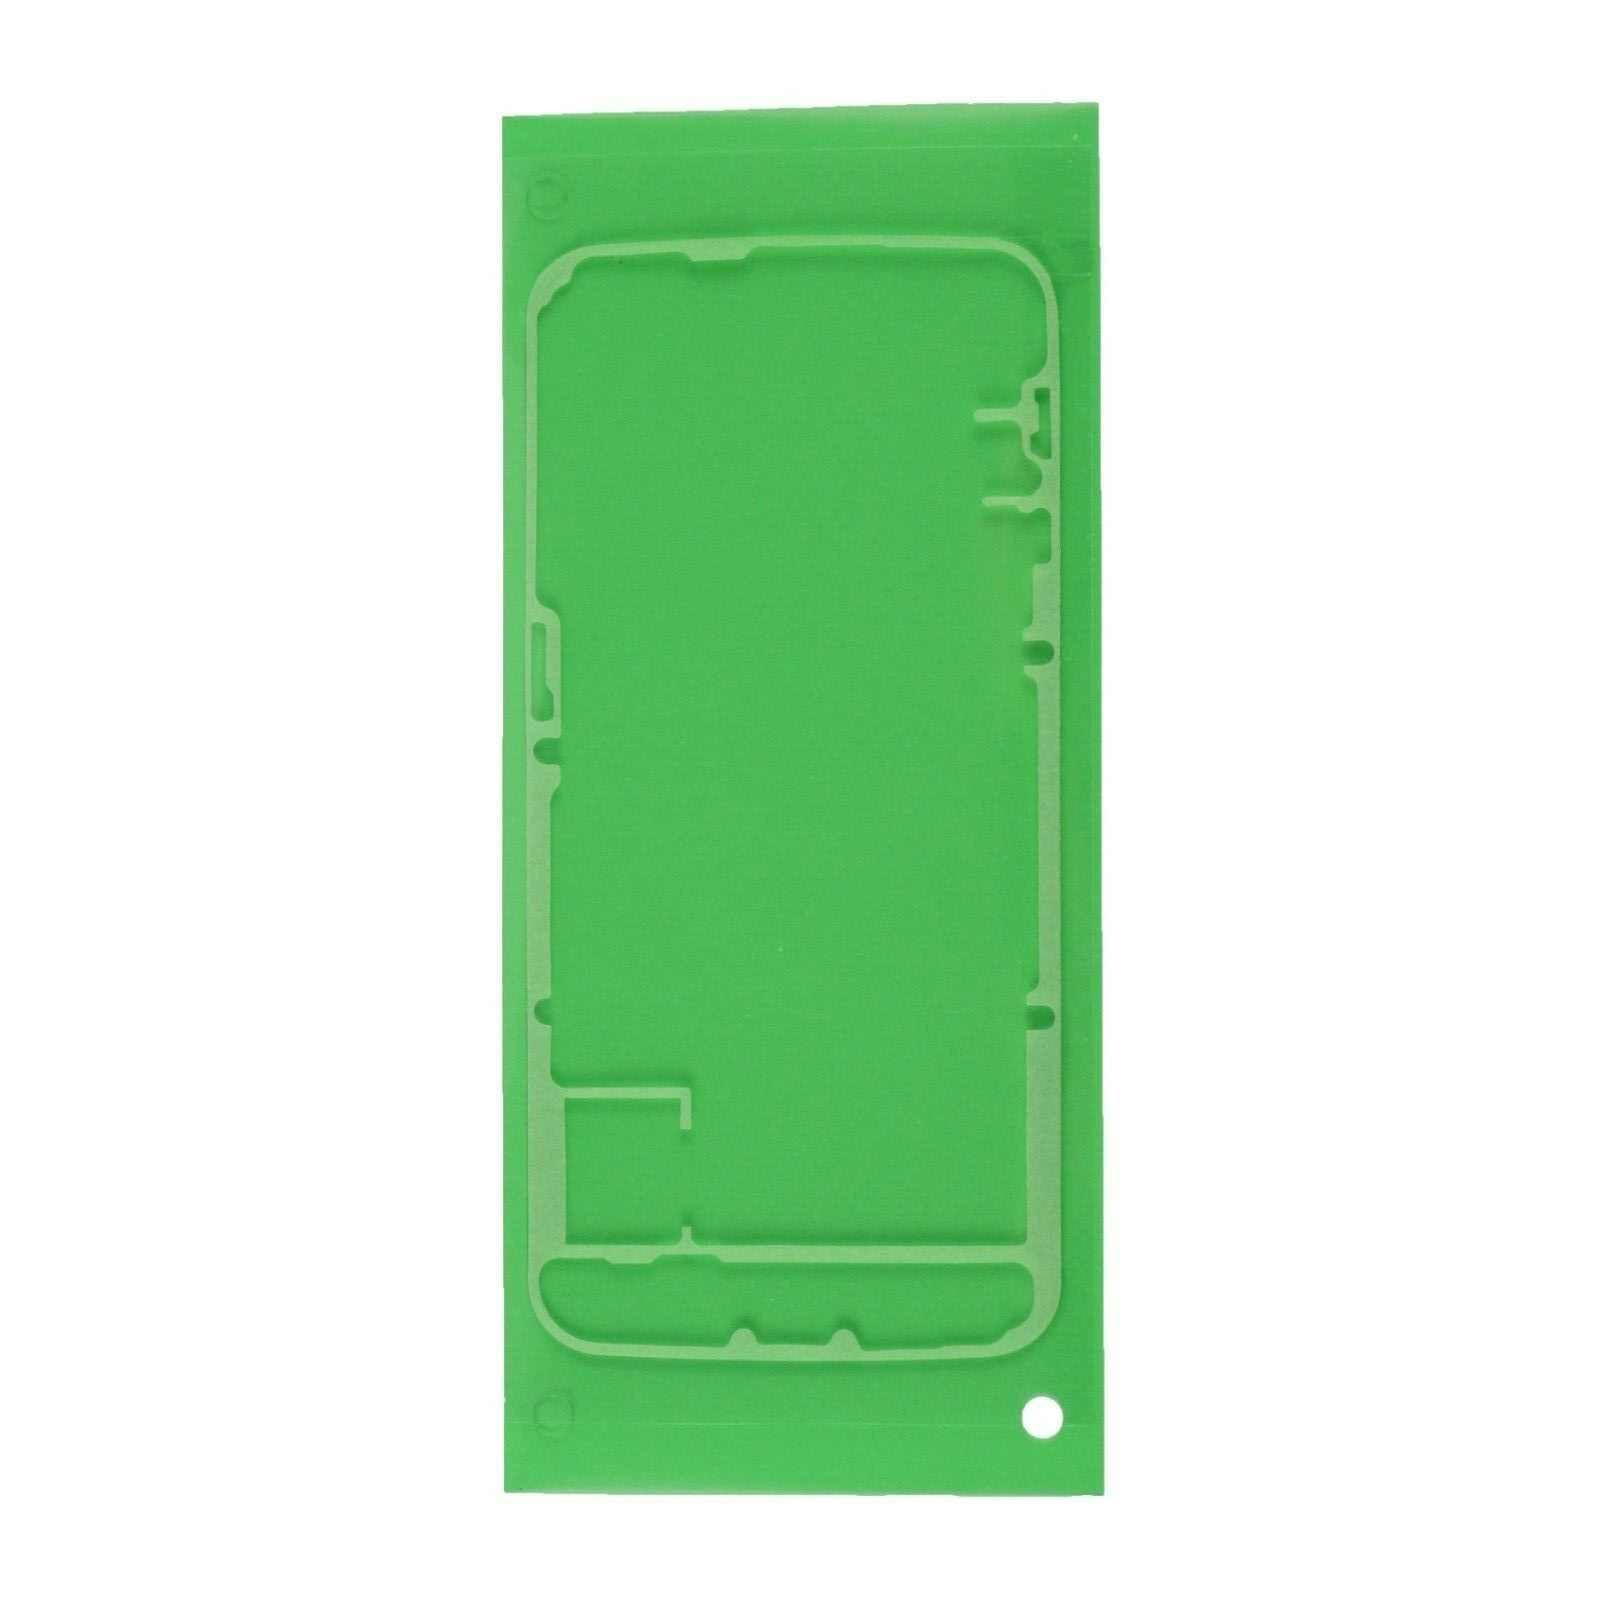 עבור סמסונג גלקסי S6 קצה SM-G925 LCD קדמי דיור מסגרת חזרה LCD חזור סוללה דלת כיסוי דבק מדבקה